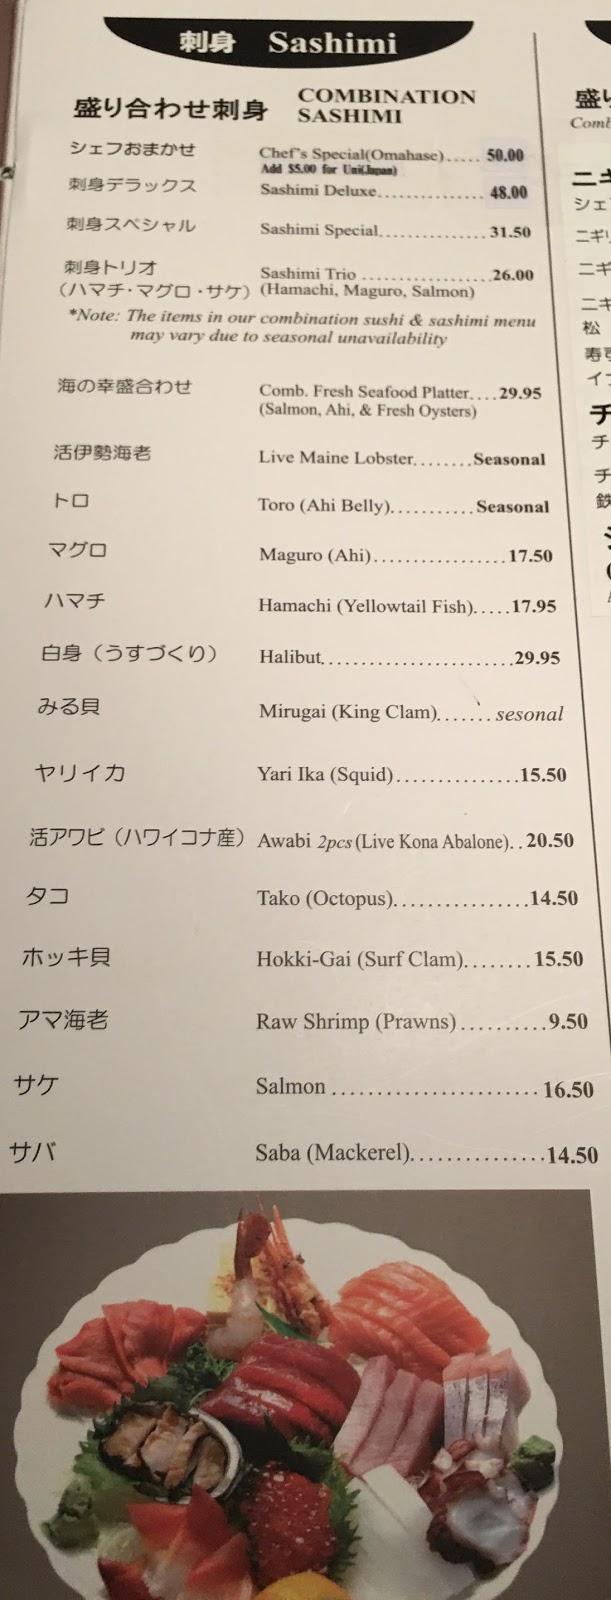 TASTE OF HAWAII: YANAGI SUSHI